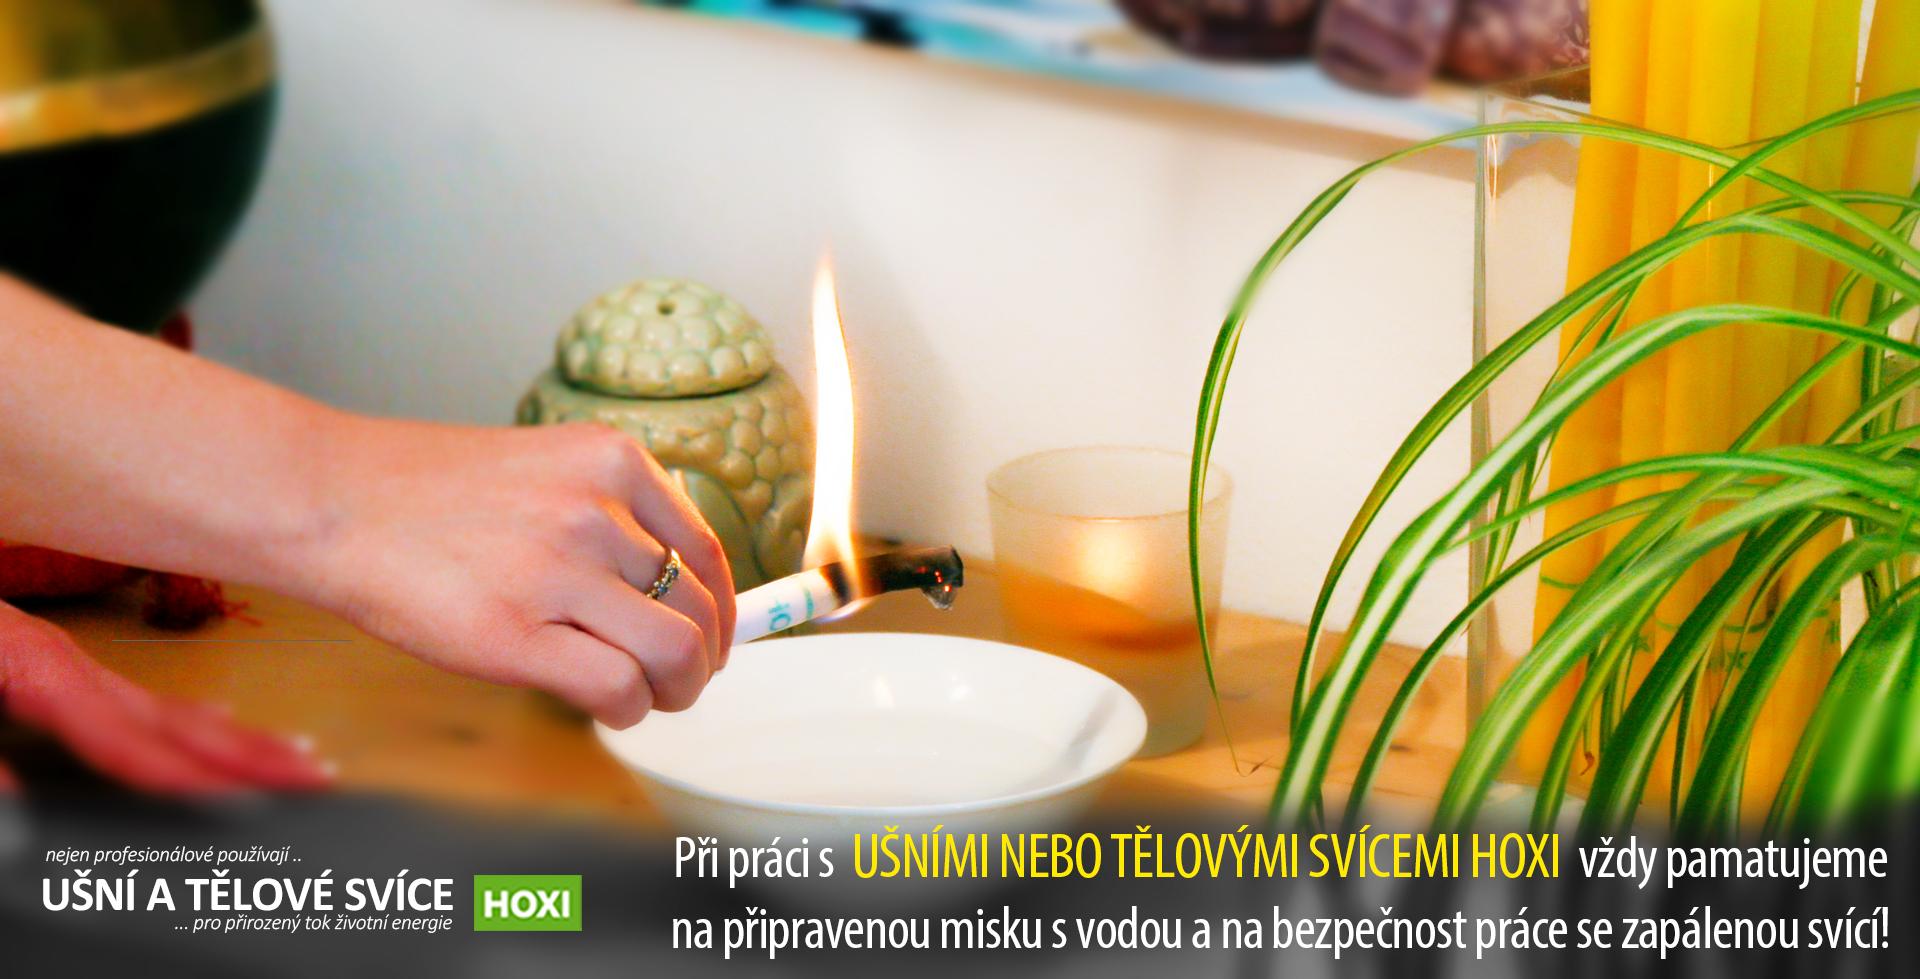 Bezpečnost při použití ušních a tělových svíček HOXI